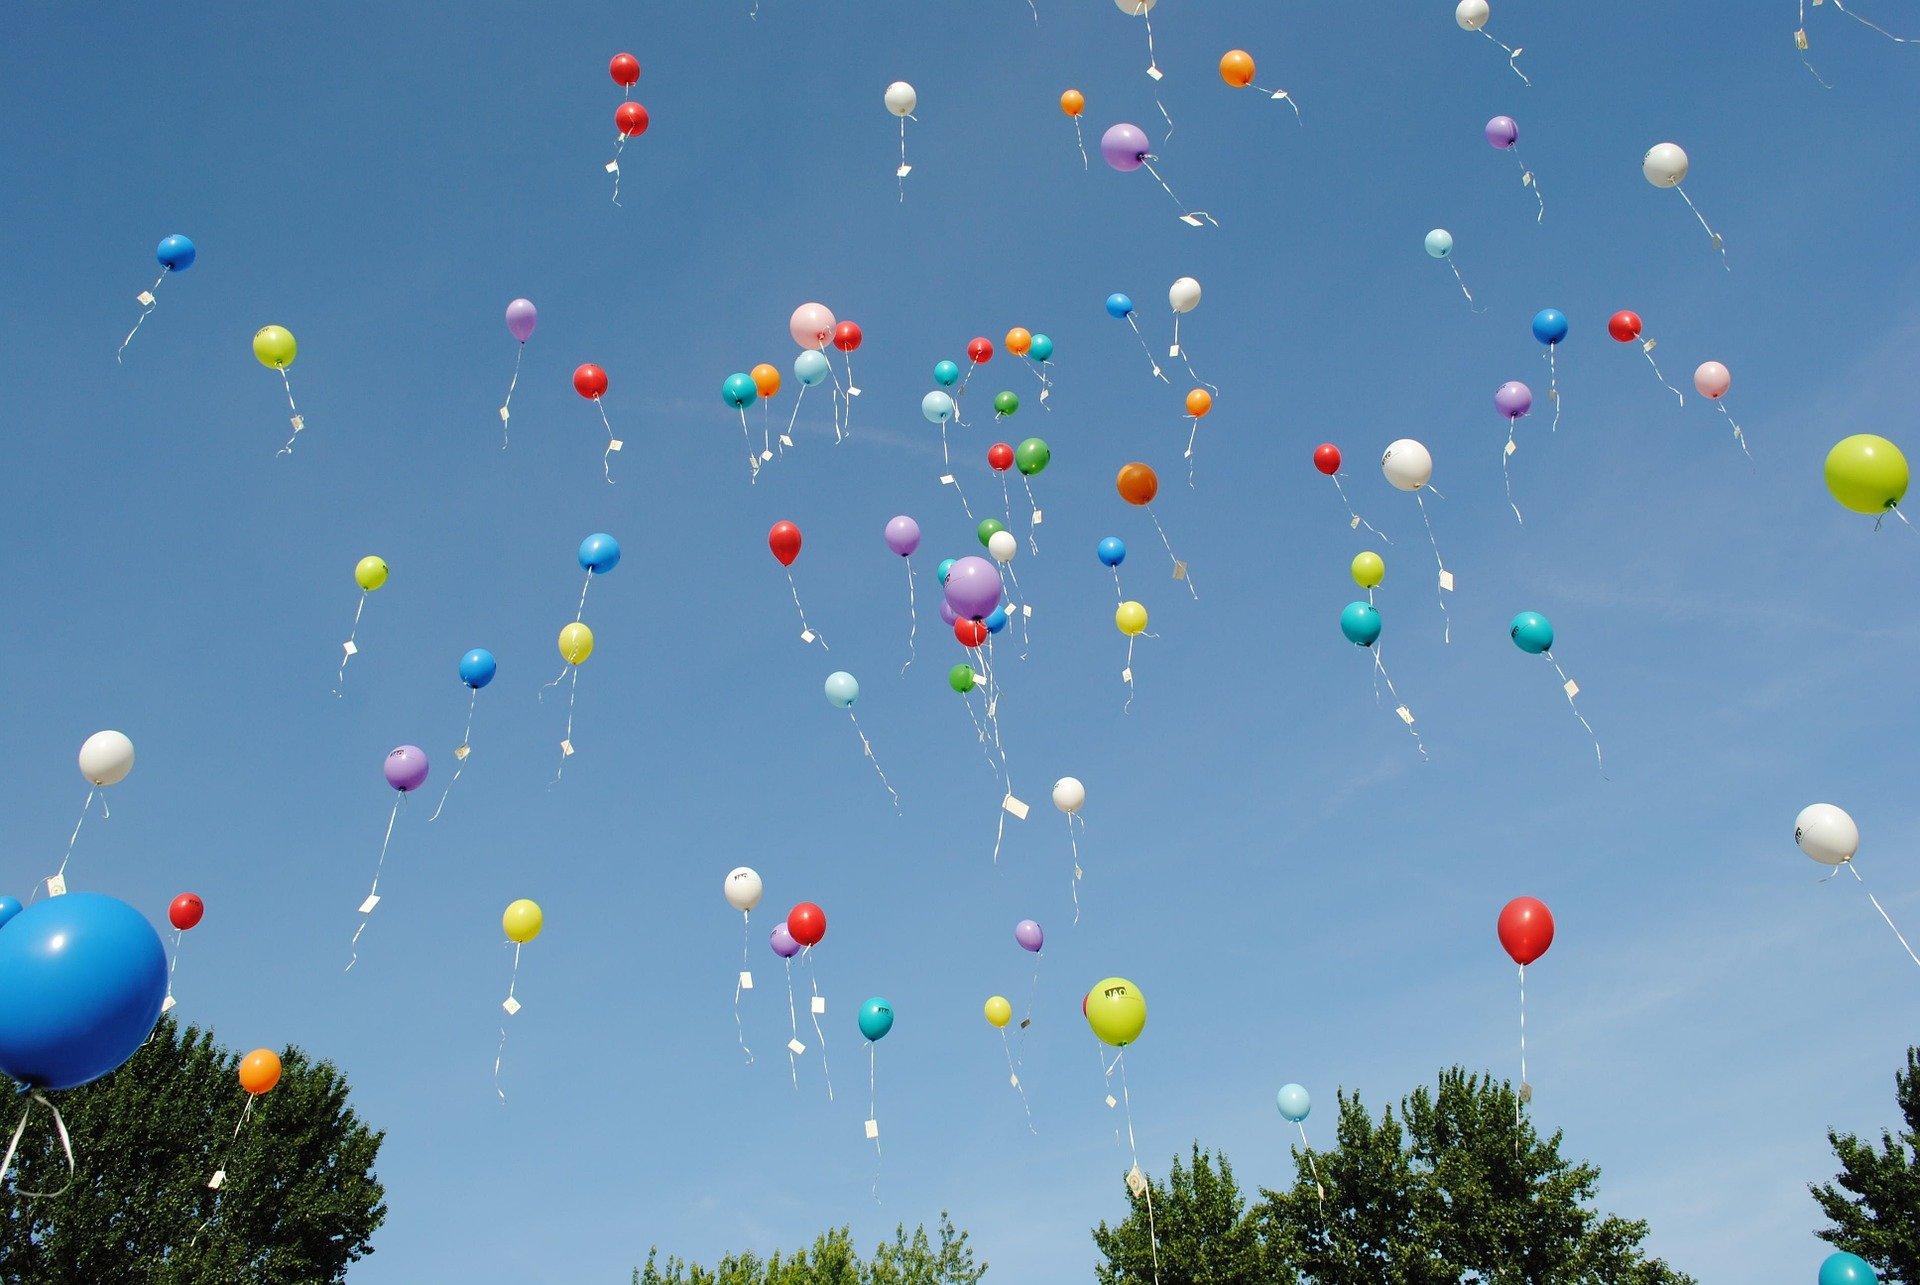 Balony unoszące się na niebie